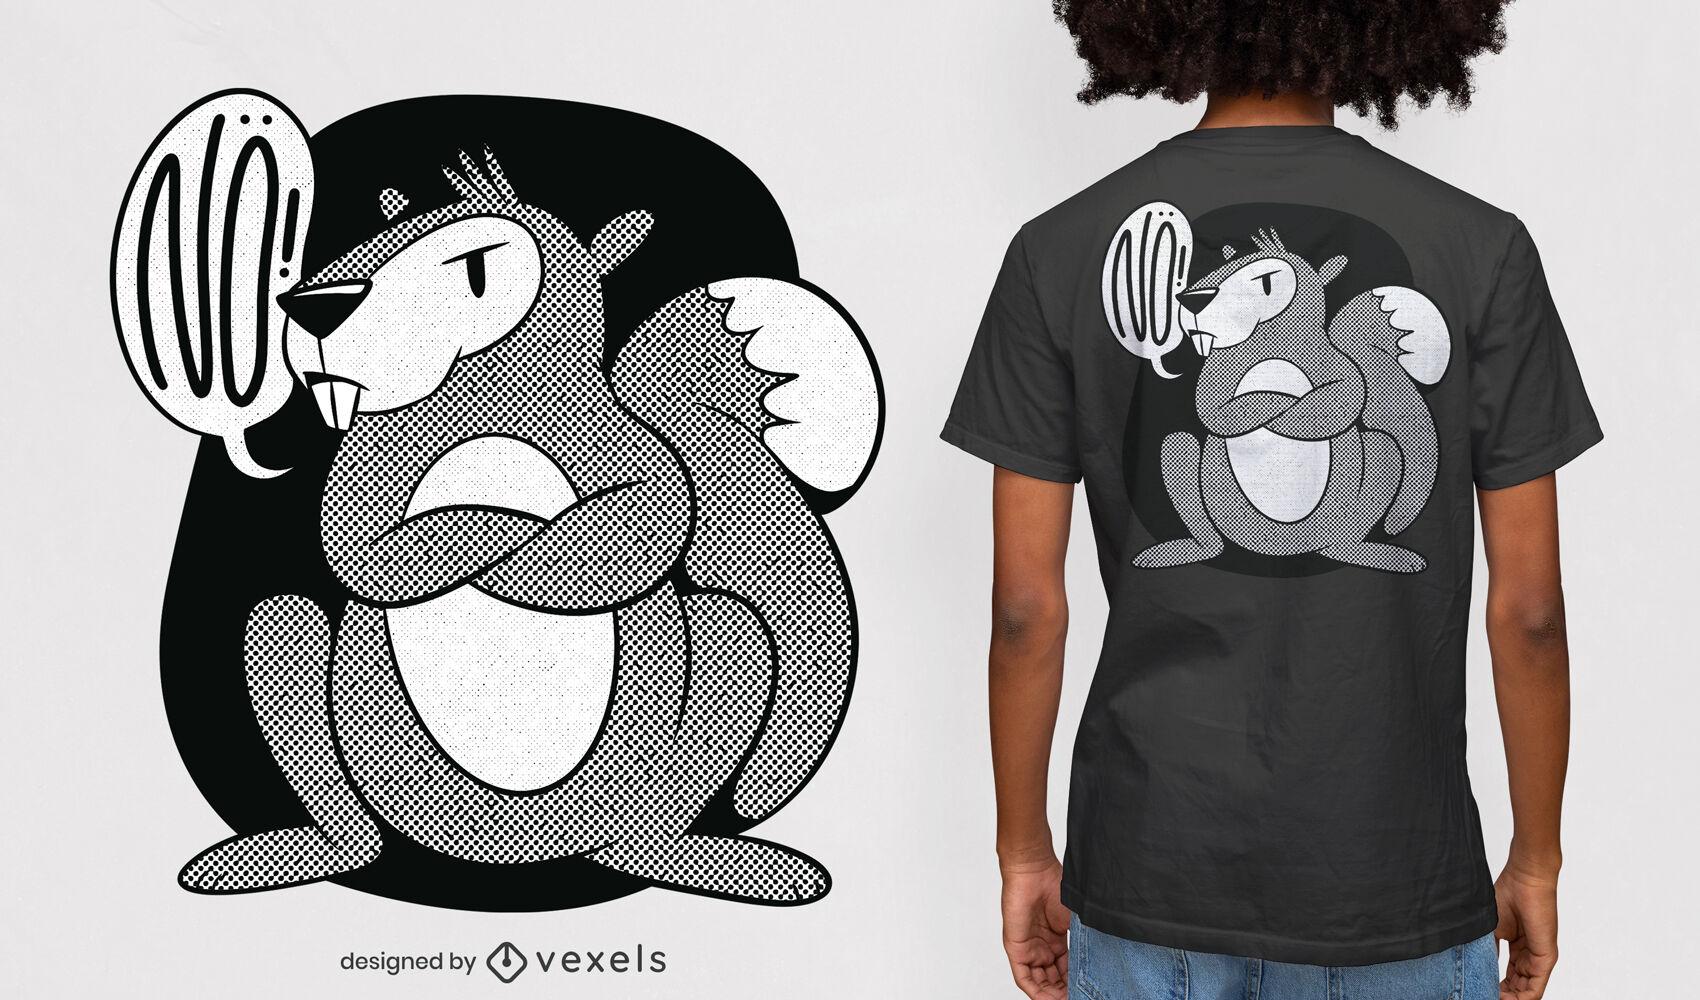 Grumpy squirrel t-shirt design